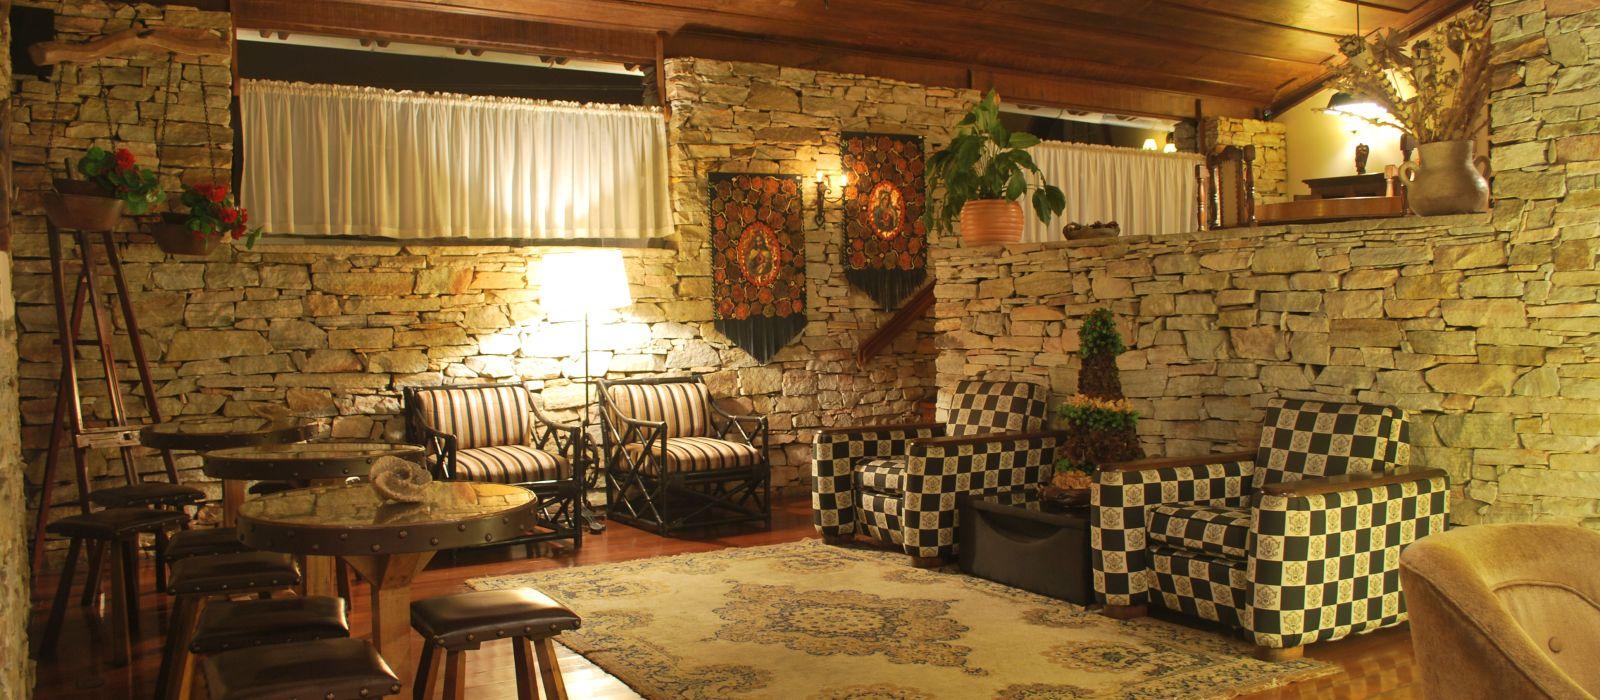 Hotel  Pousada do Arcanjo Brazil